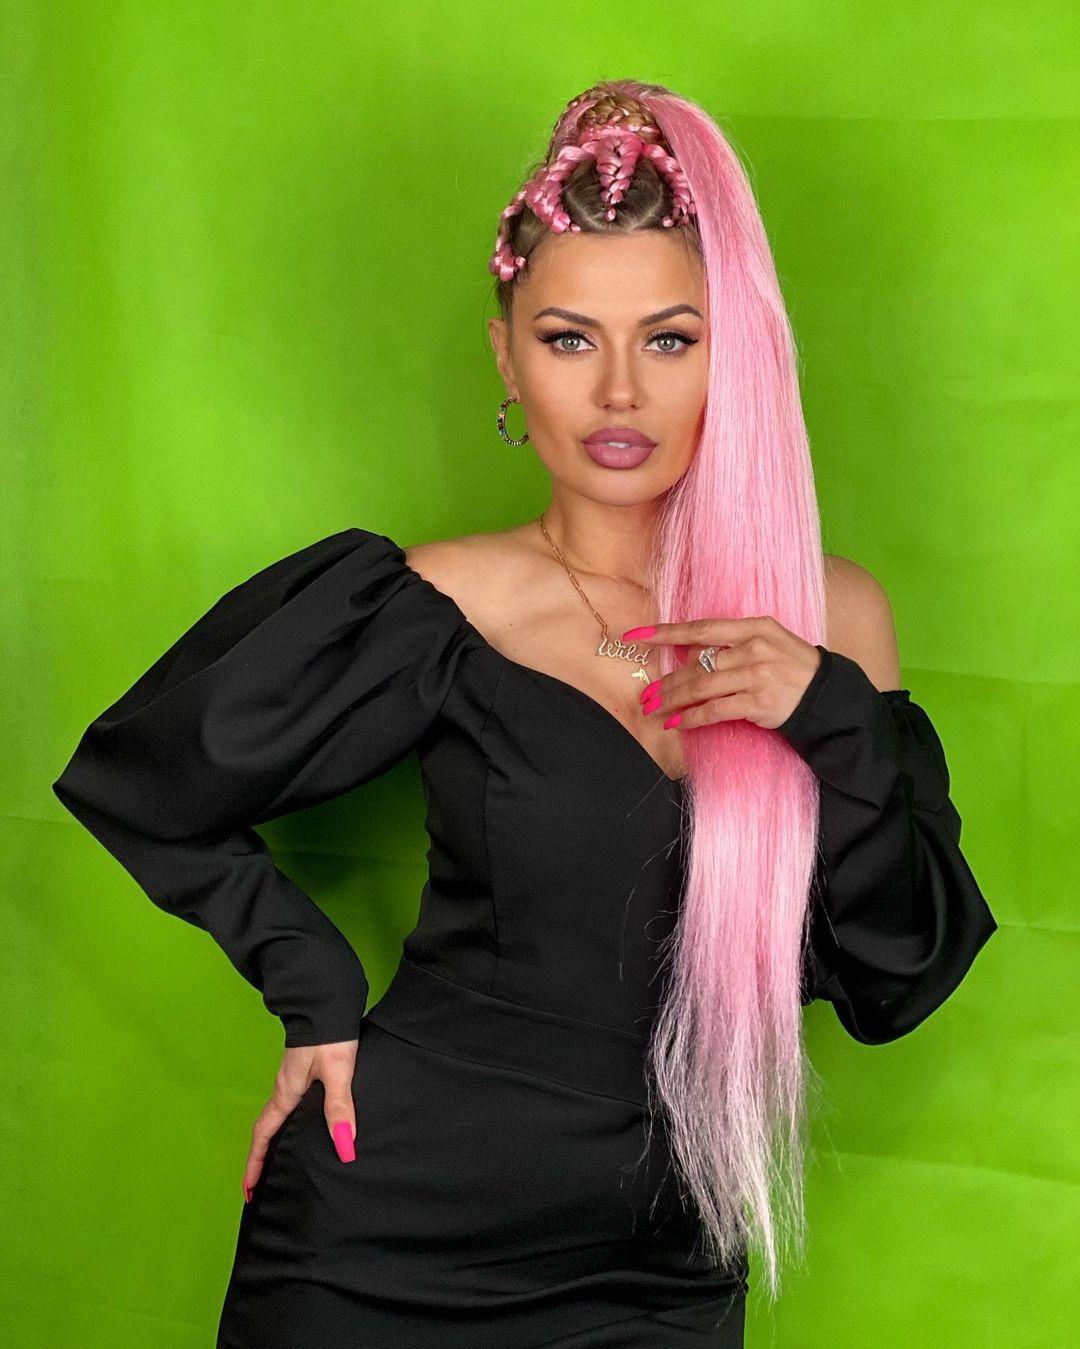 """""""Безвкусица!"""": Викторию Боню раскритиковали за розовые волосы"""